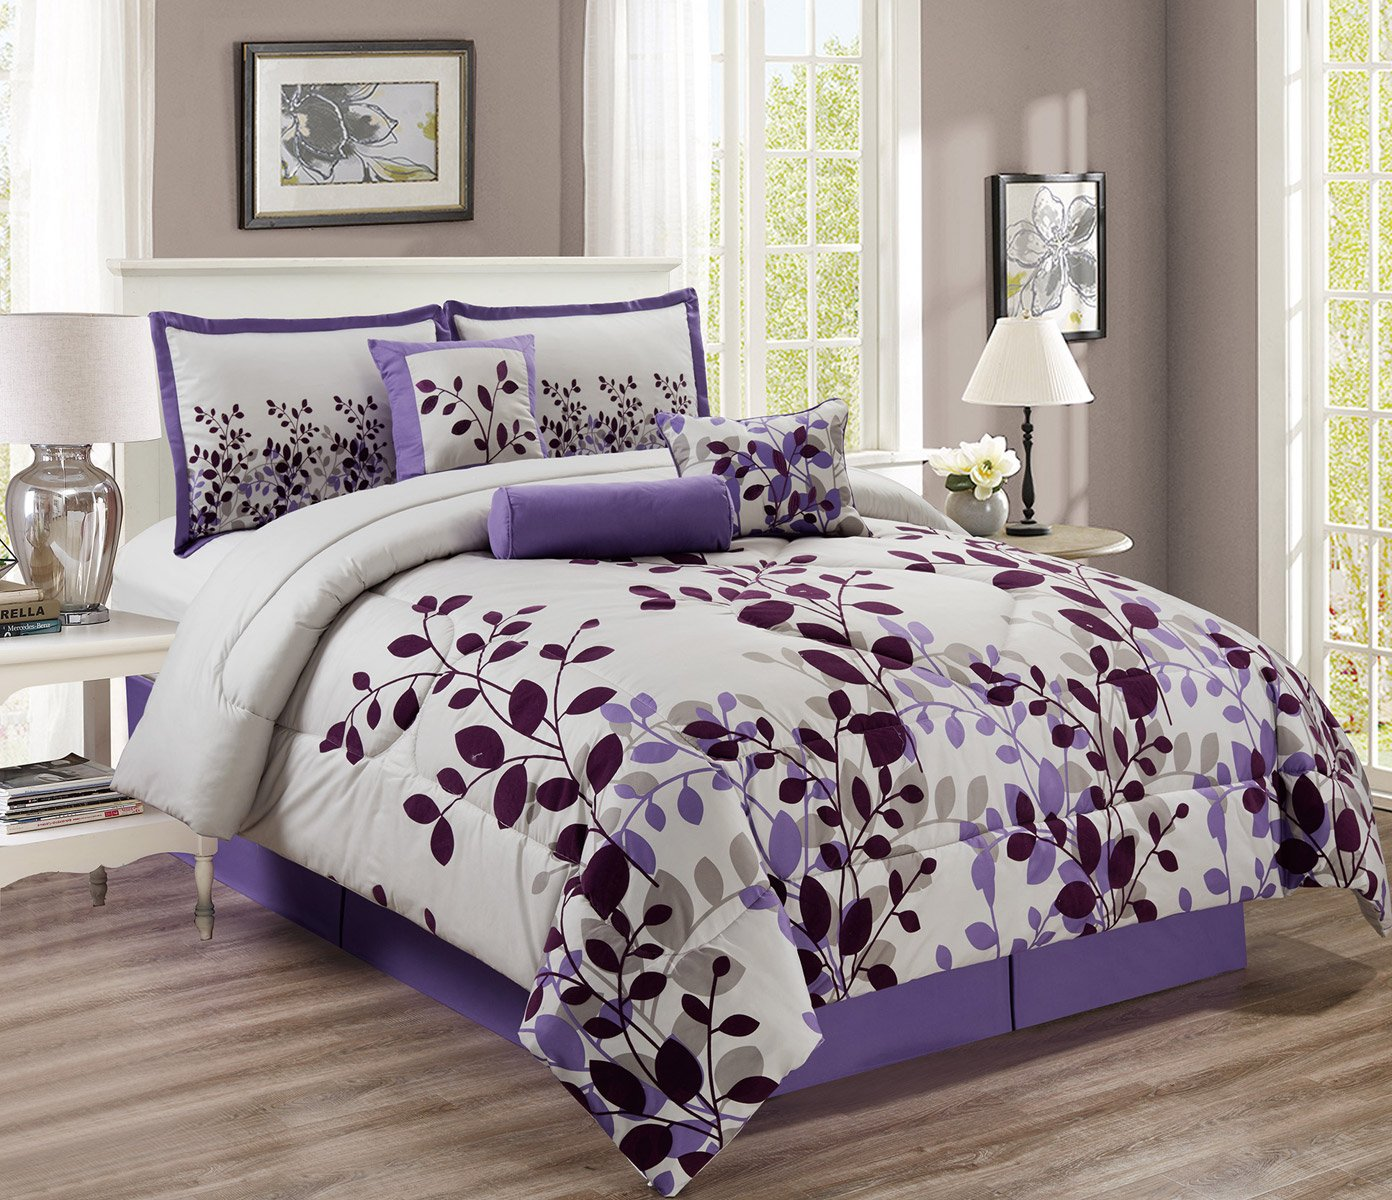 Lavender Bedding Sets Full